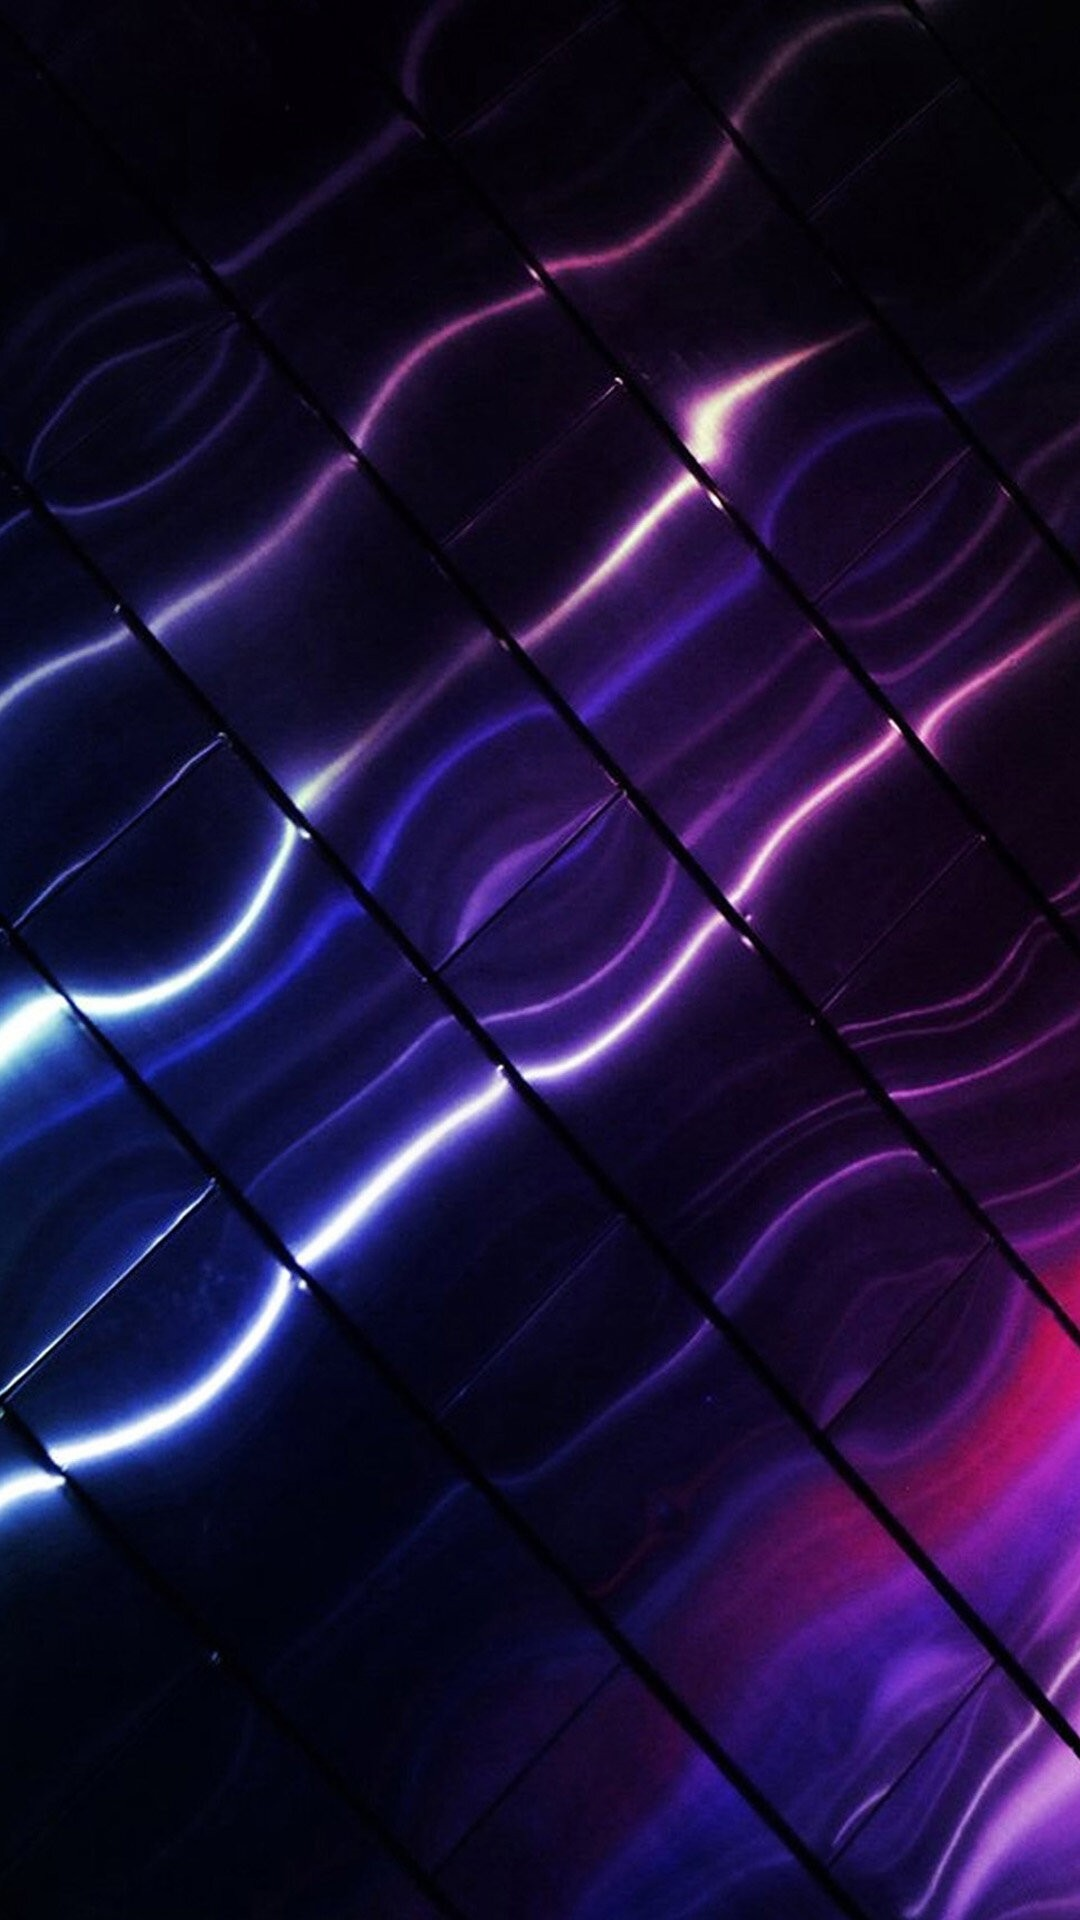 Neon iPhone 7 wallpaper